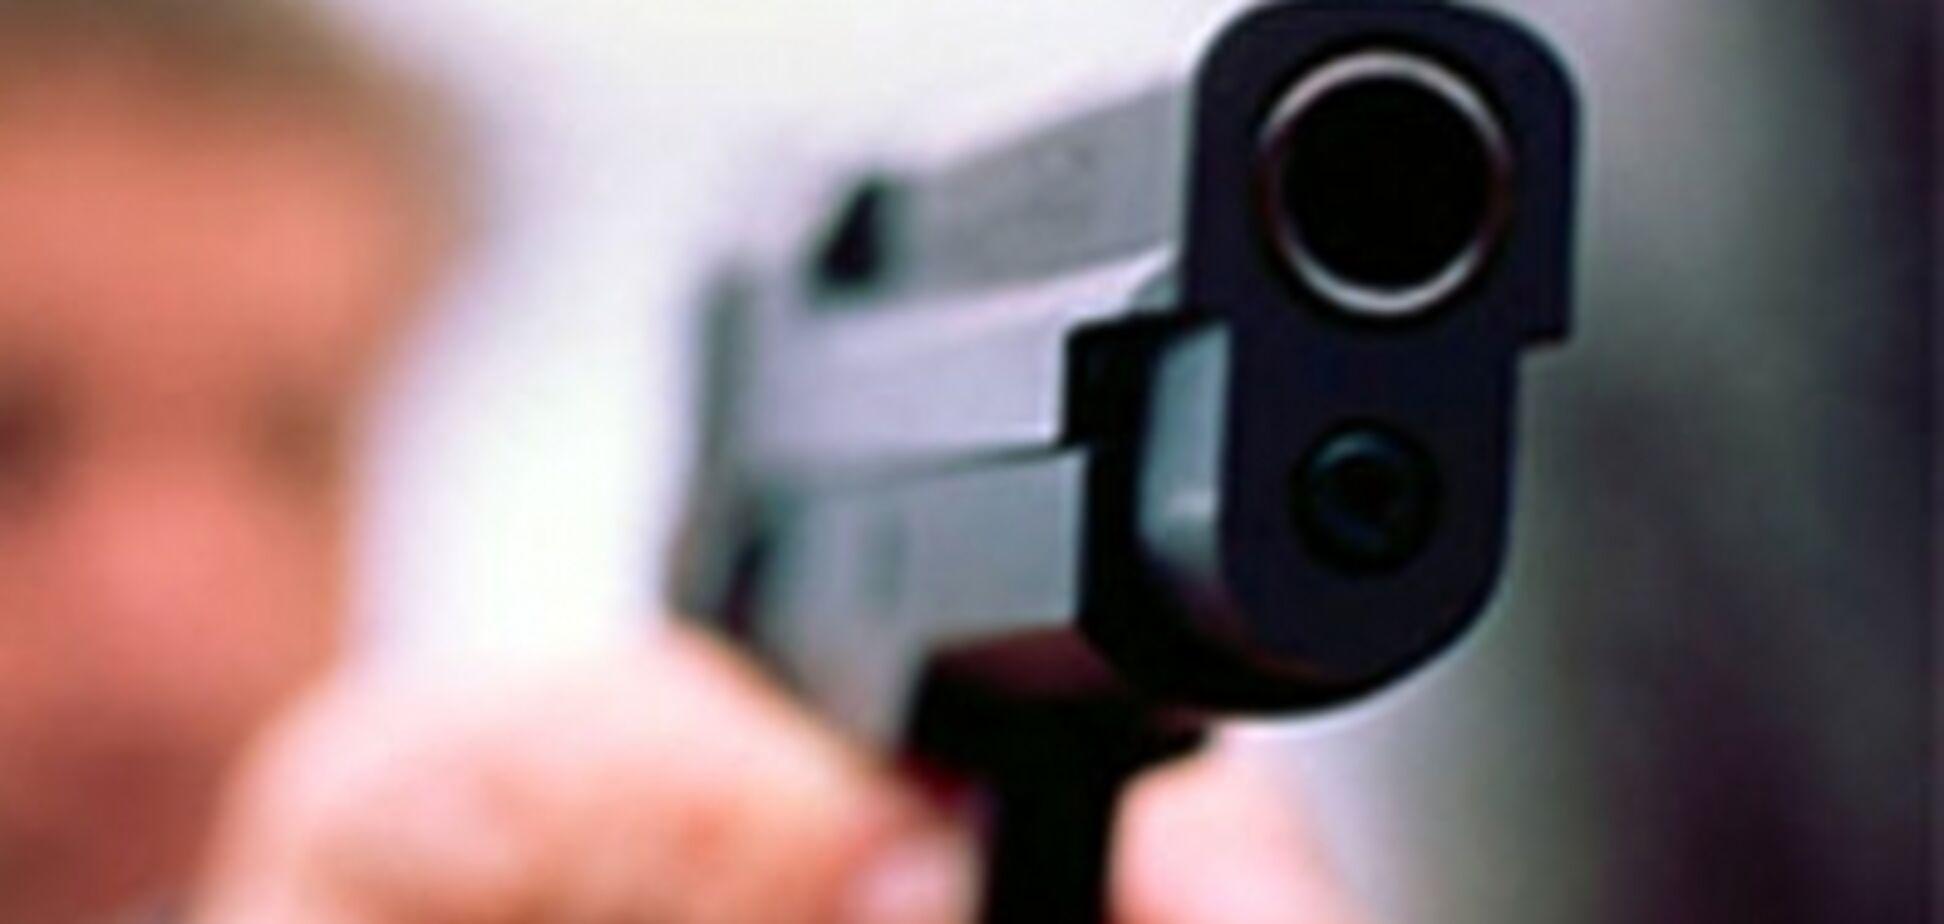 В Херсоне расстреляли известного бизнесмена: объявлен план 'Сирена'